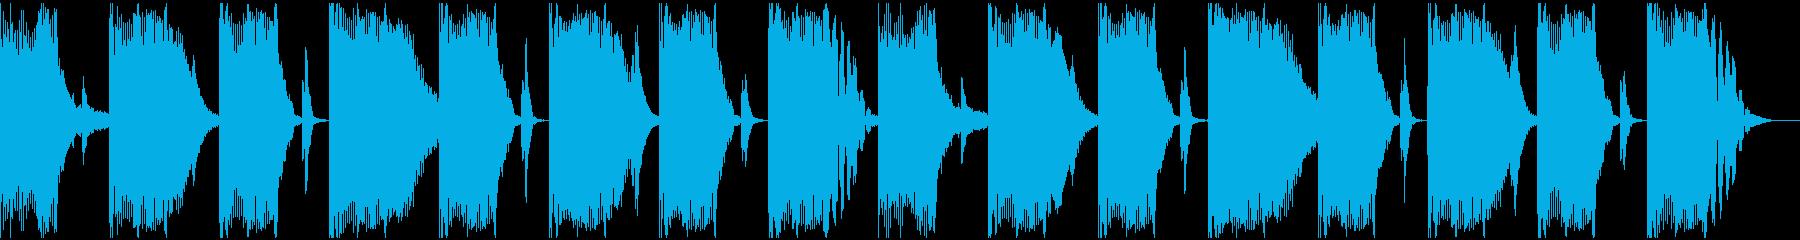 【エレクトロニカ】ロング2、ショート6の再生済みの波形